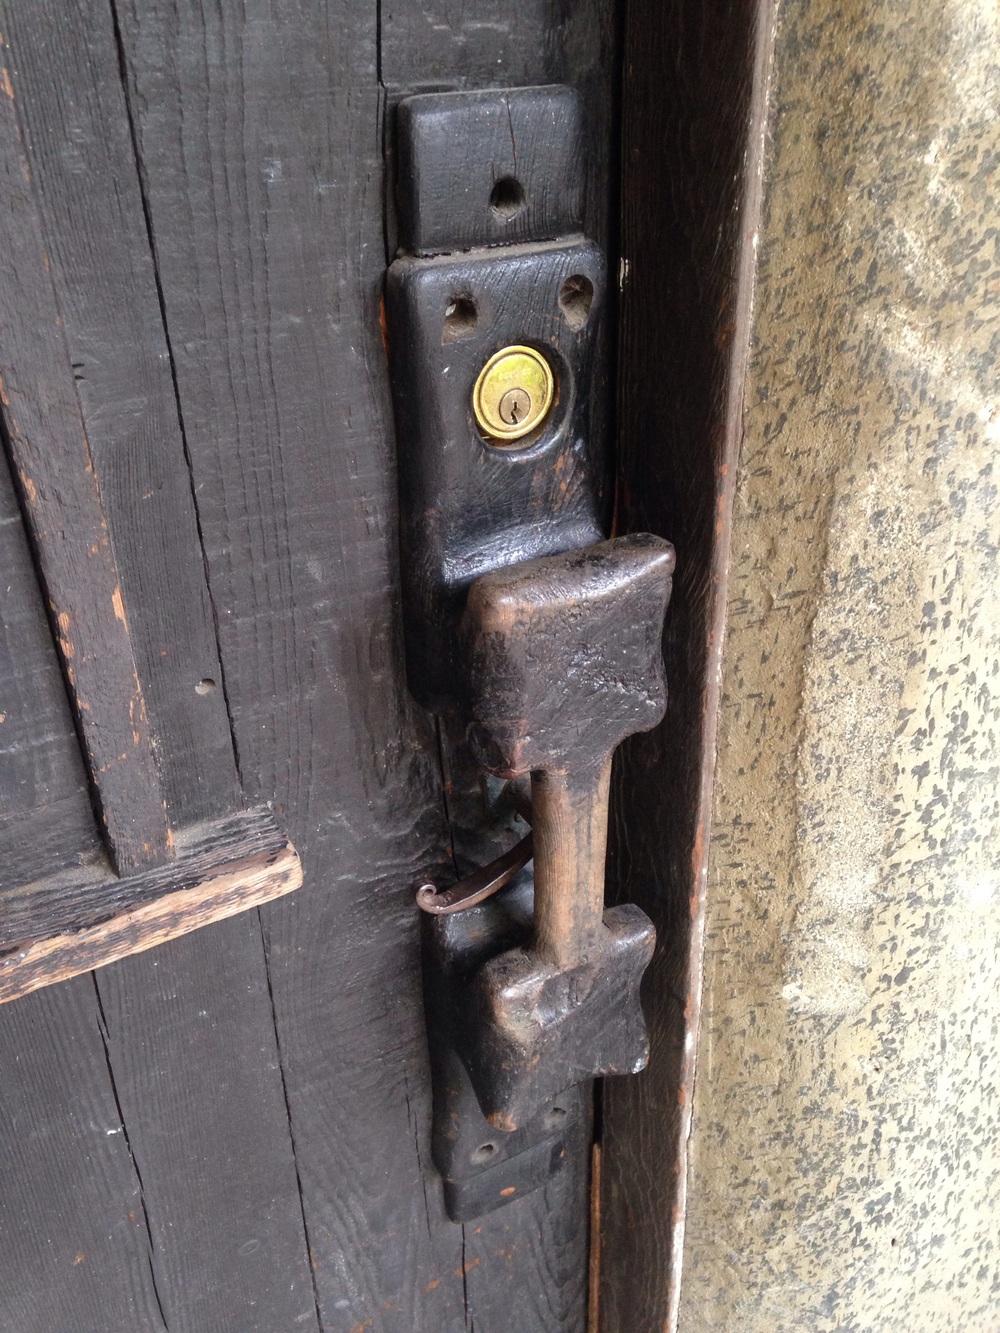 Redwood burl front door pull. The rest of the door is... redwood also.